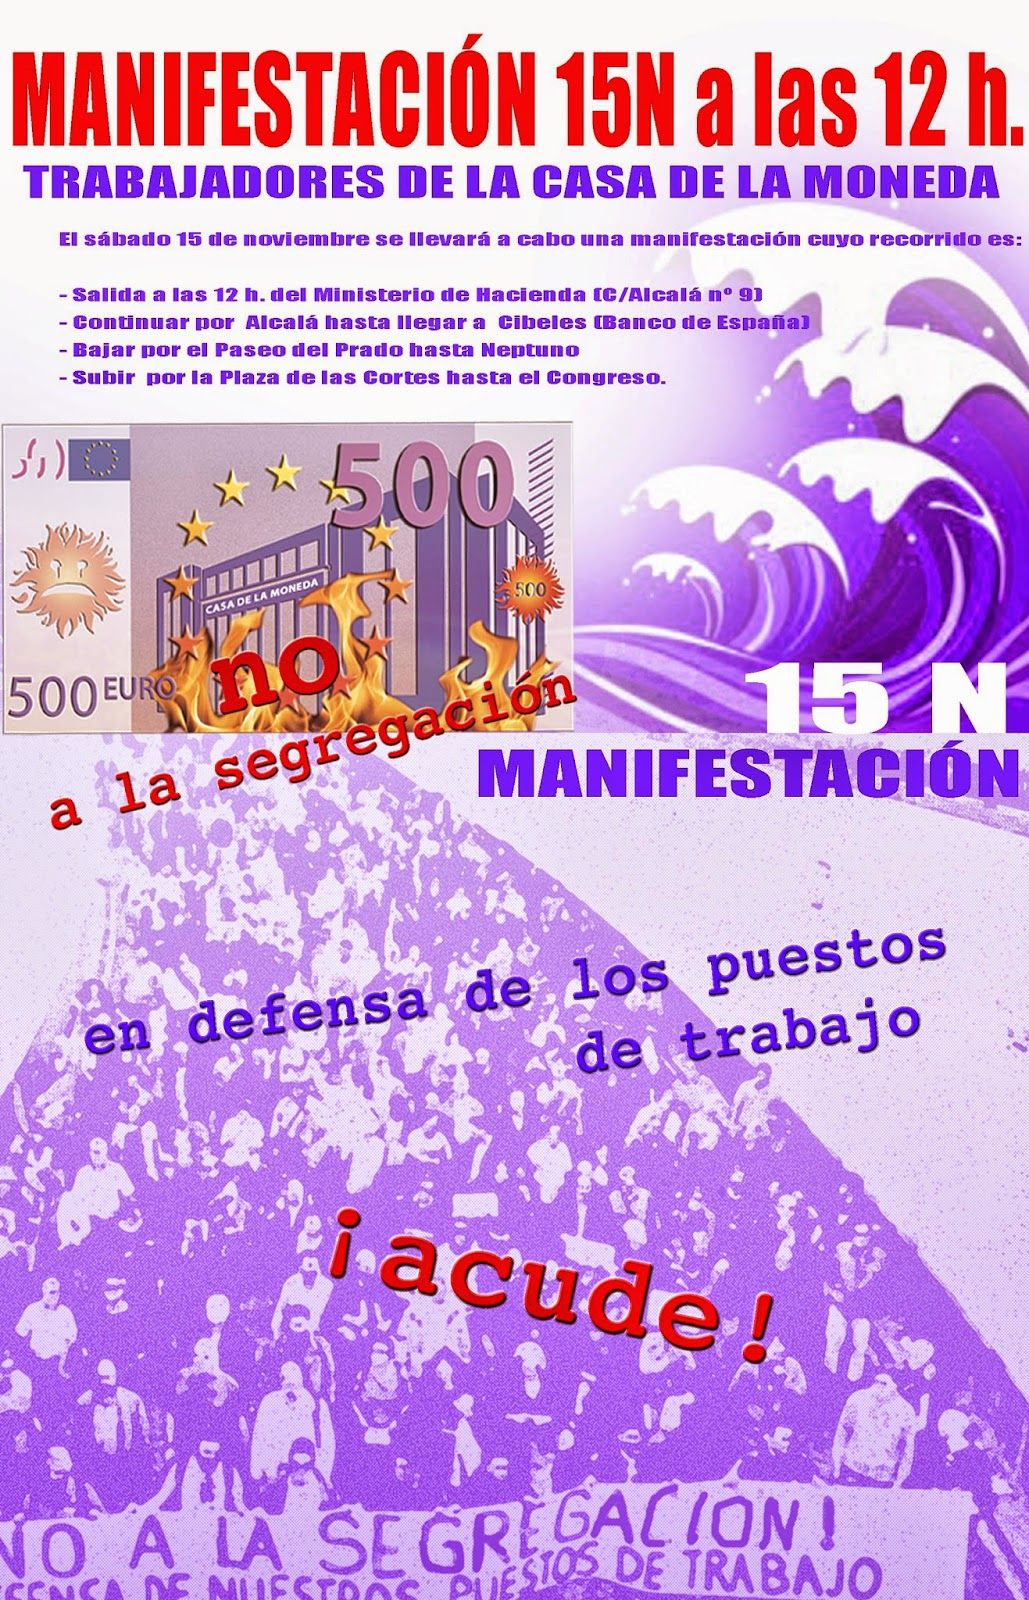 Ugt mara on manifestaci n contra la segregaci n de la - Casa de la moneda empleo ...